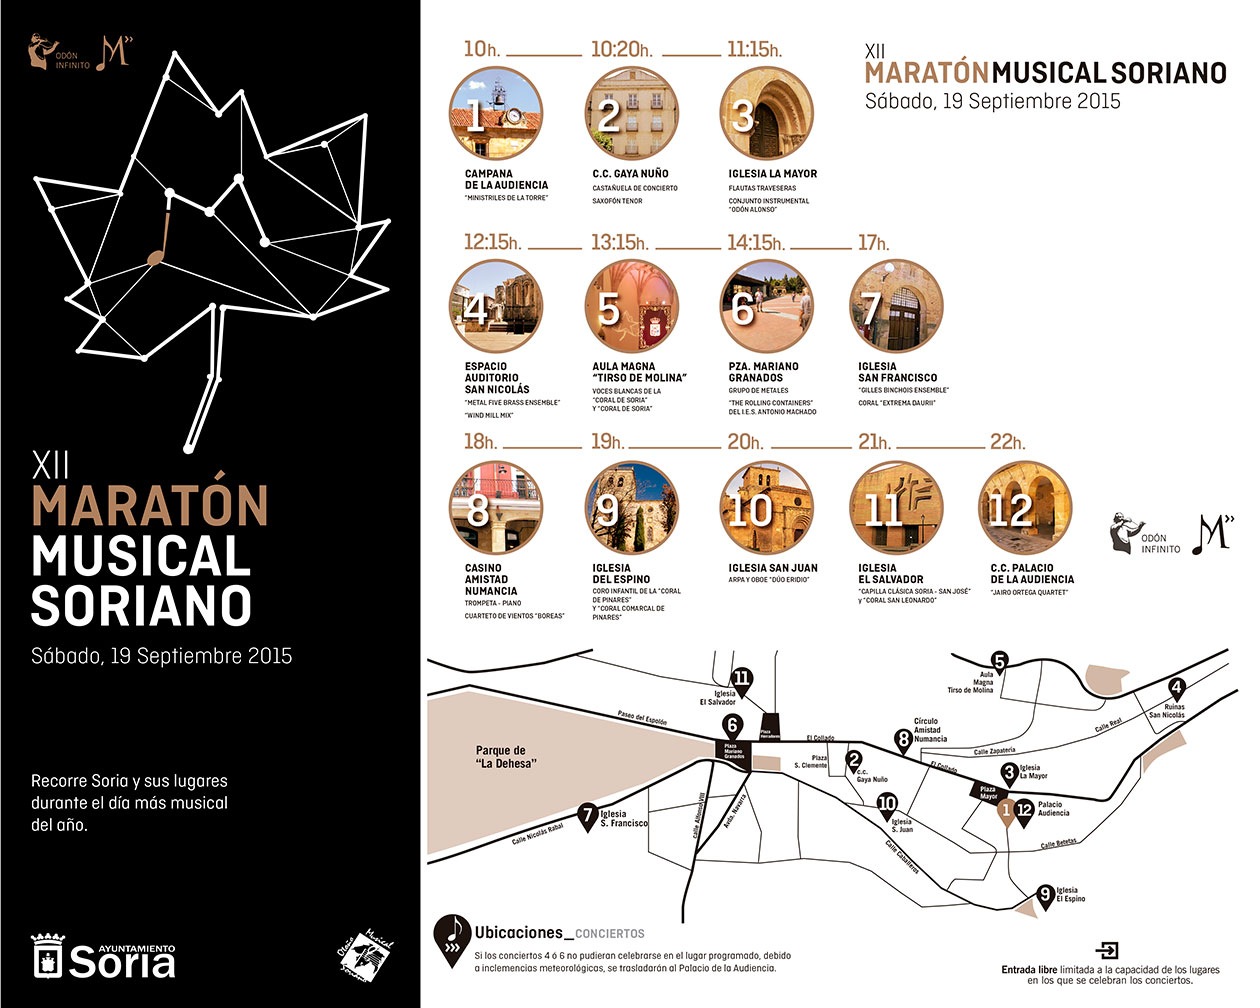 La Coral de Soria participa en la XII Edición del Maratón Musical Soriano